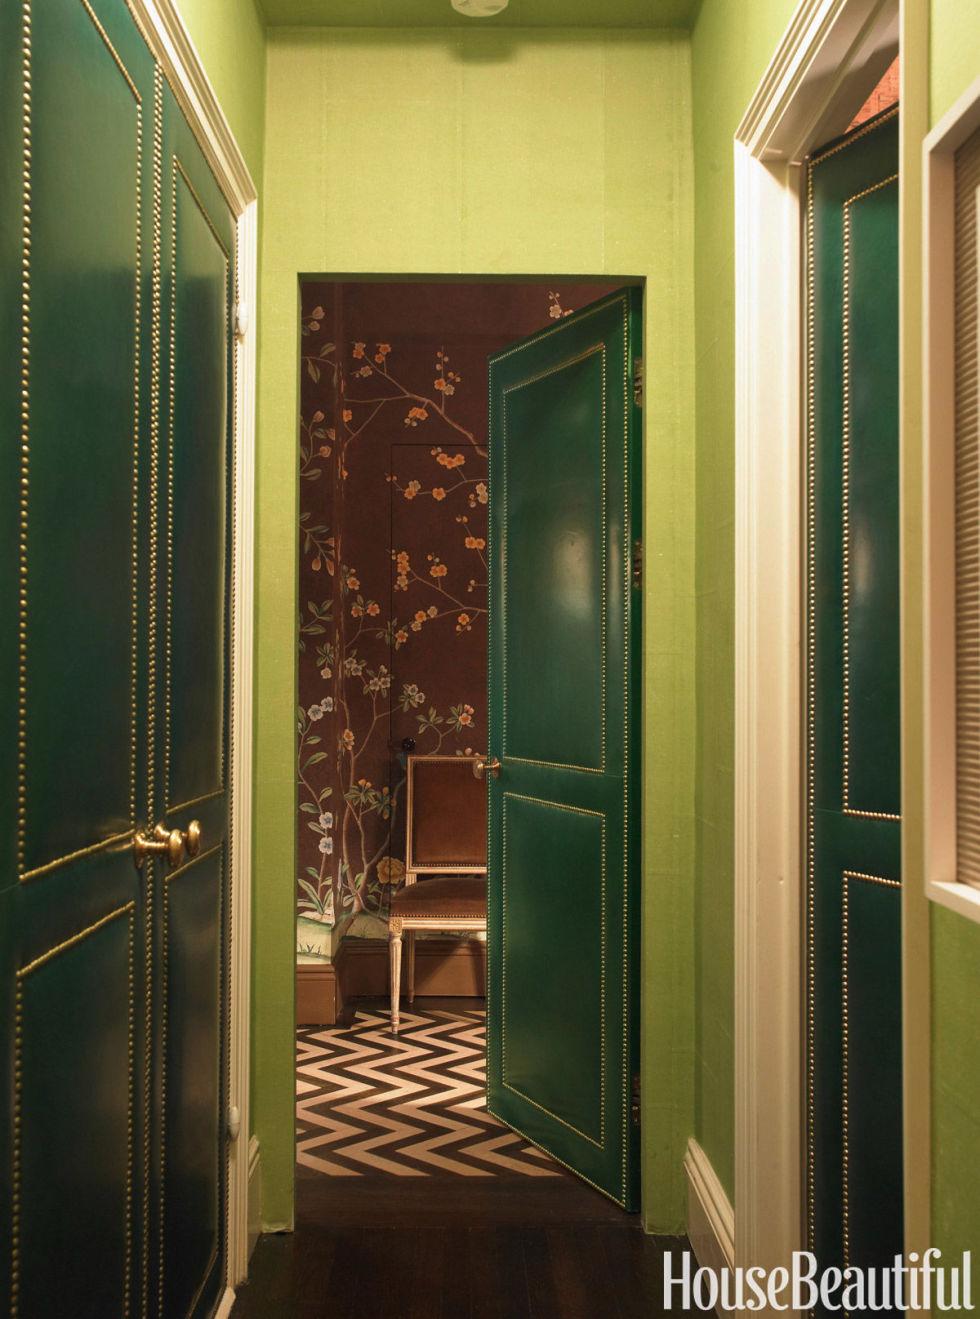 Brown marble bathroom miles redd - Brown Marble Bathroom Miles Redd 33